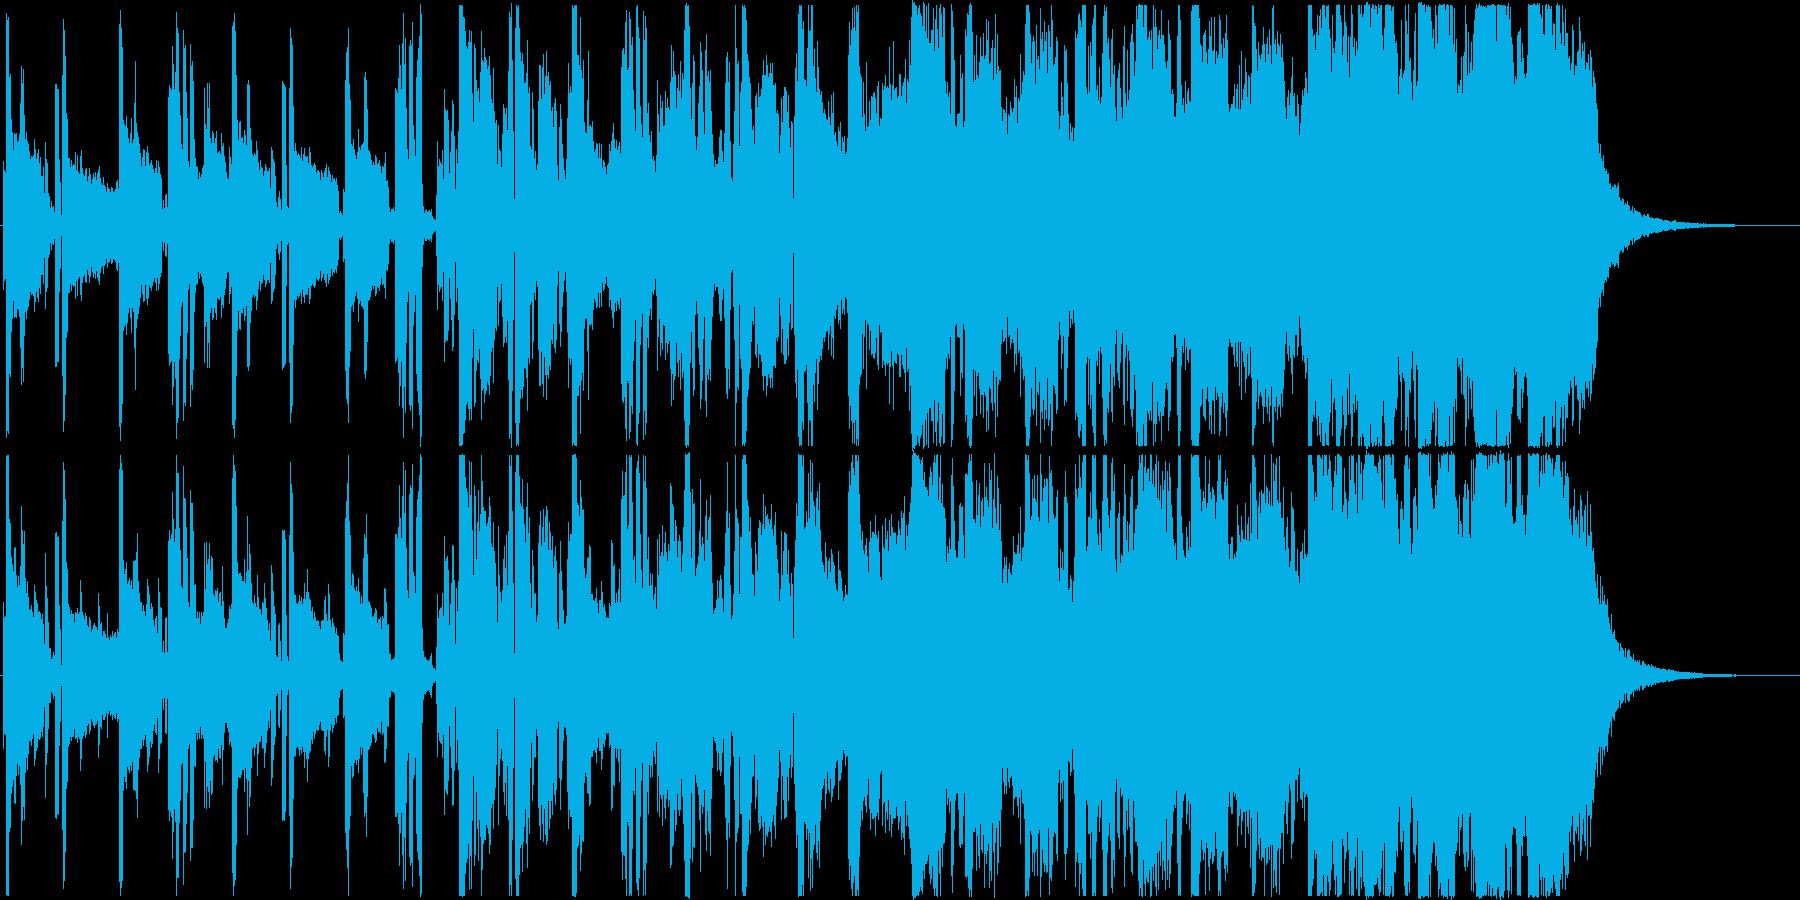 クールでかっこいい洋楽風の曲、CM等にの再生済みの波形